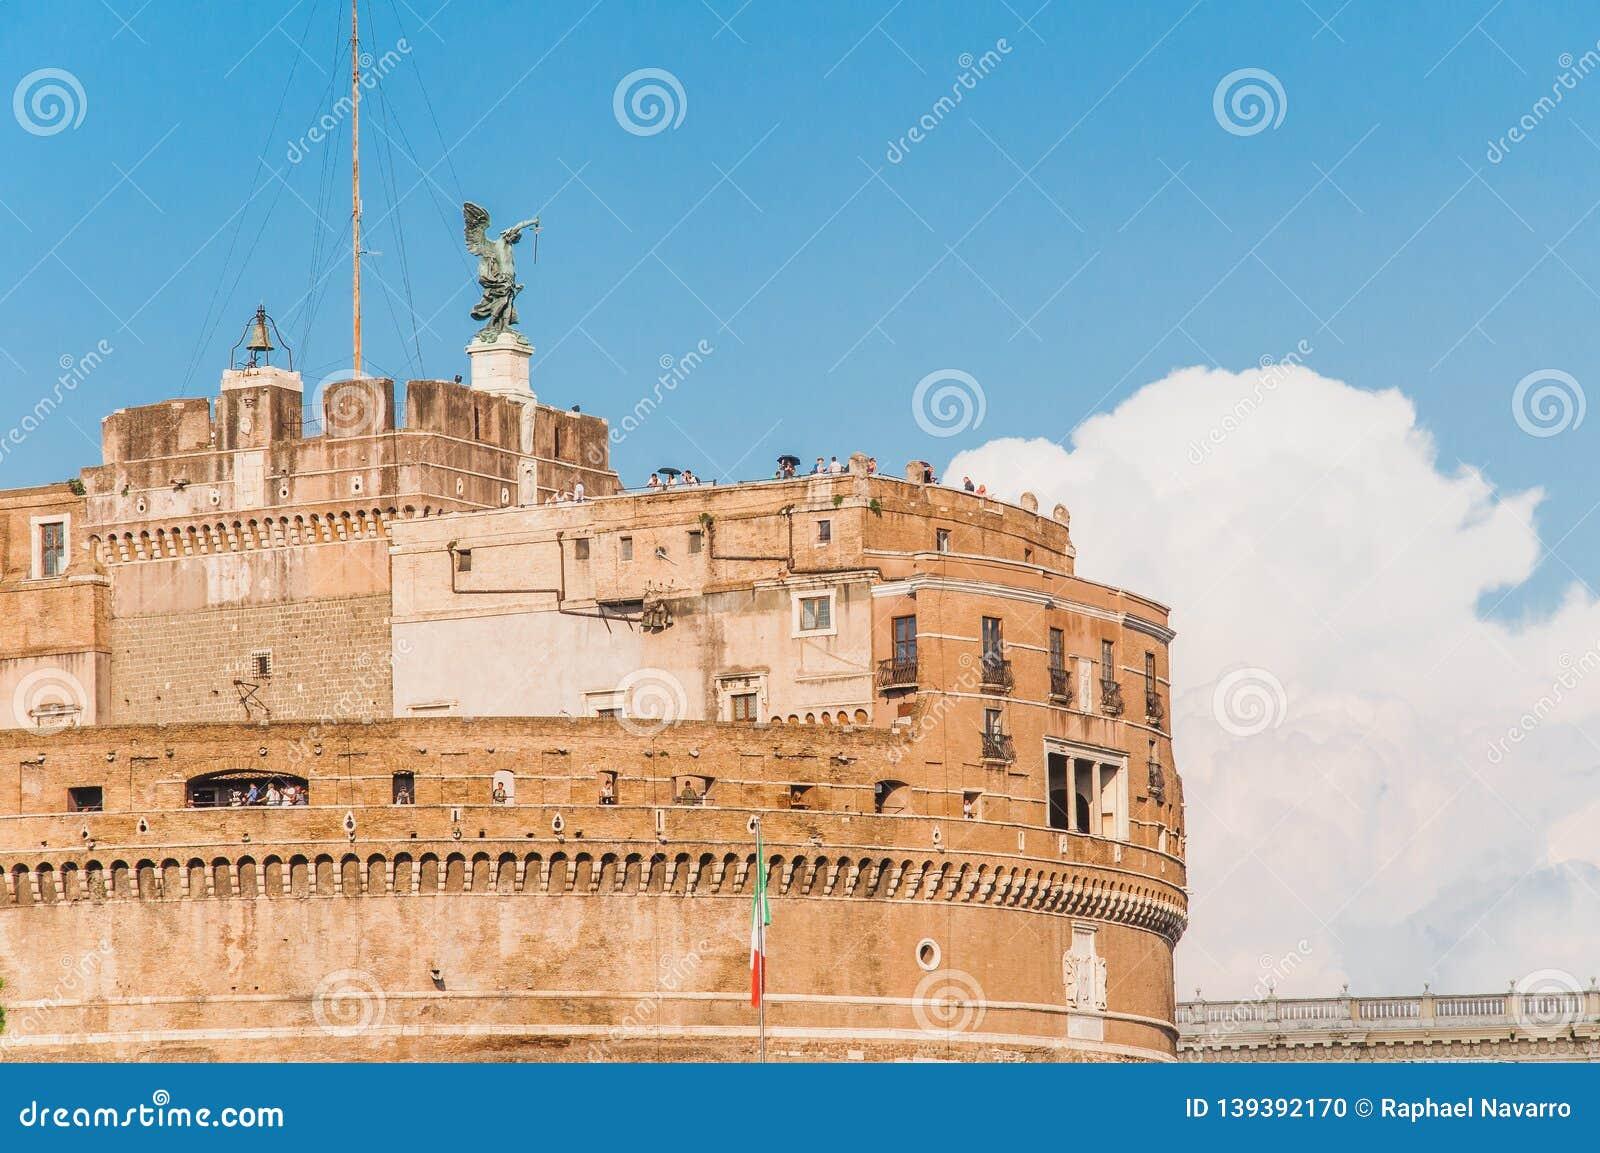 Edificio hist?rico en Roma Italia